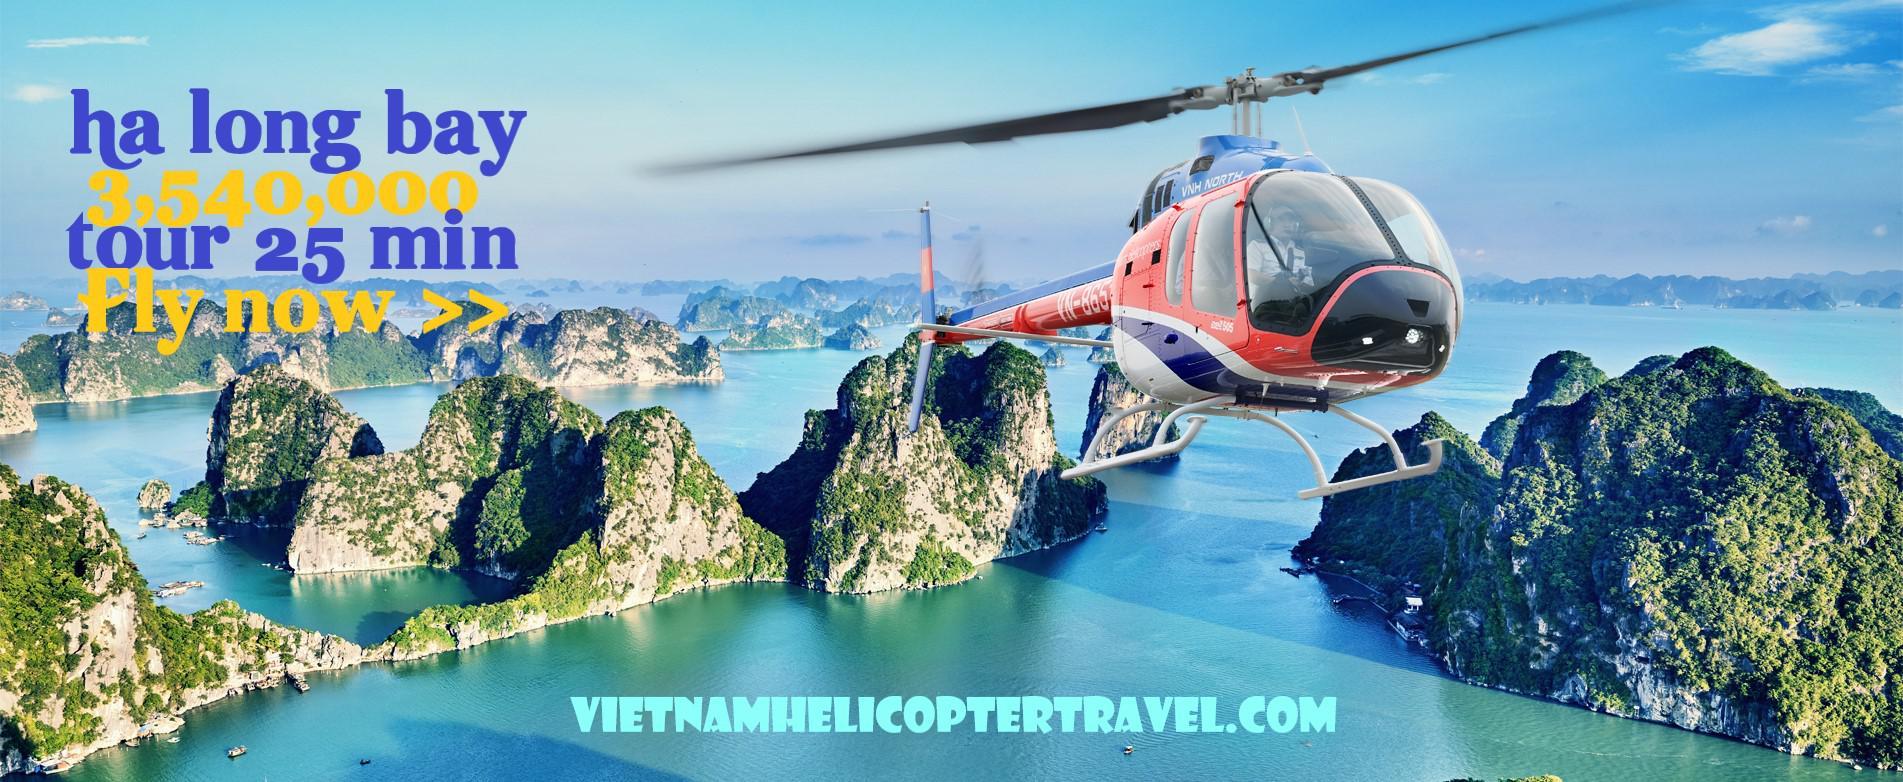 Tour du lịch Trực thăng ngắm Vịnh Hạ Long 25 phút khuyến mại